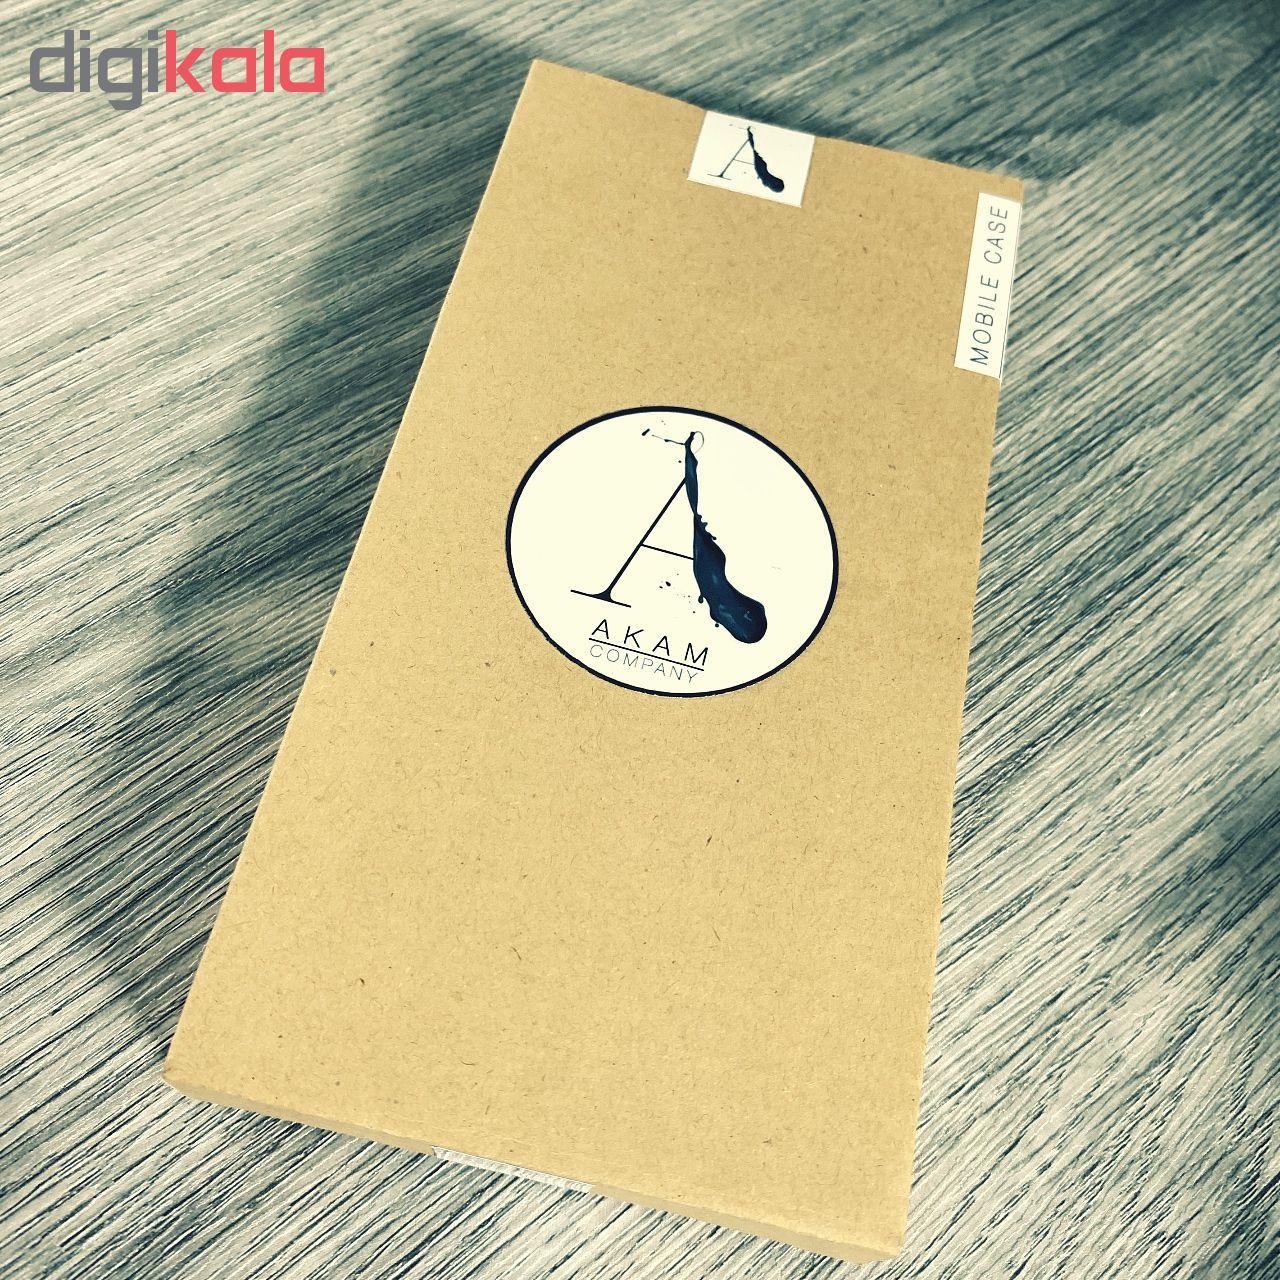 کاور مدل A70327 مناسب برای گوشی موبایل اپل iPhone 7/8 main 1 1